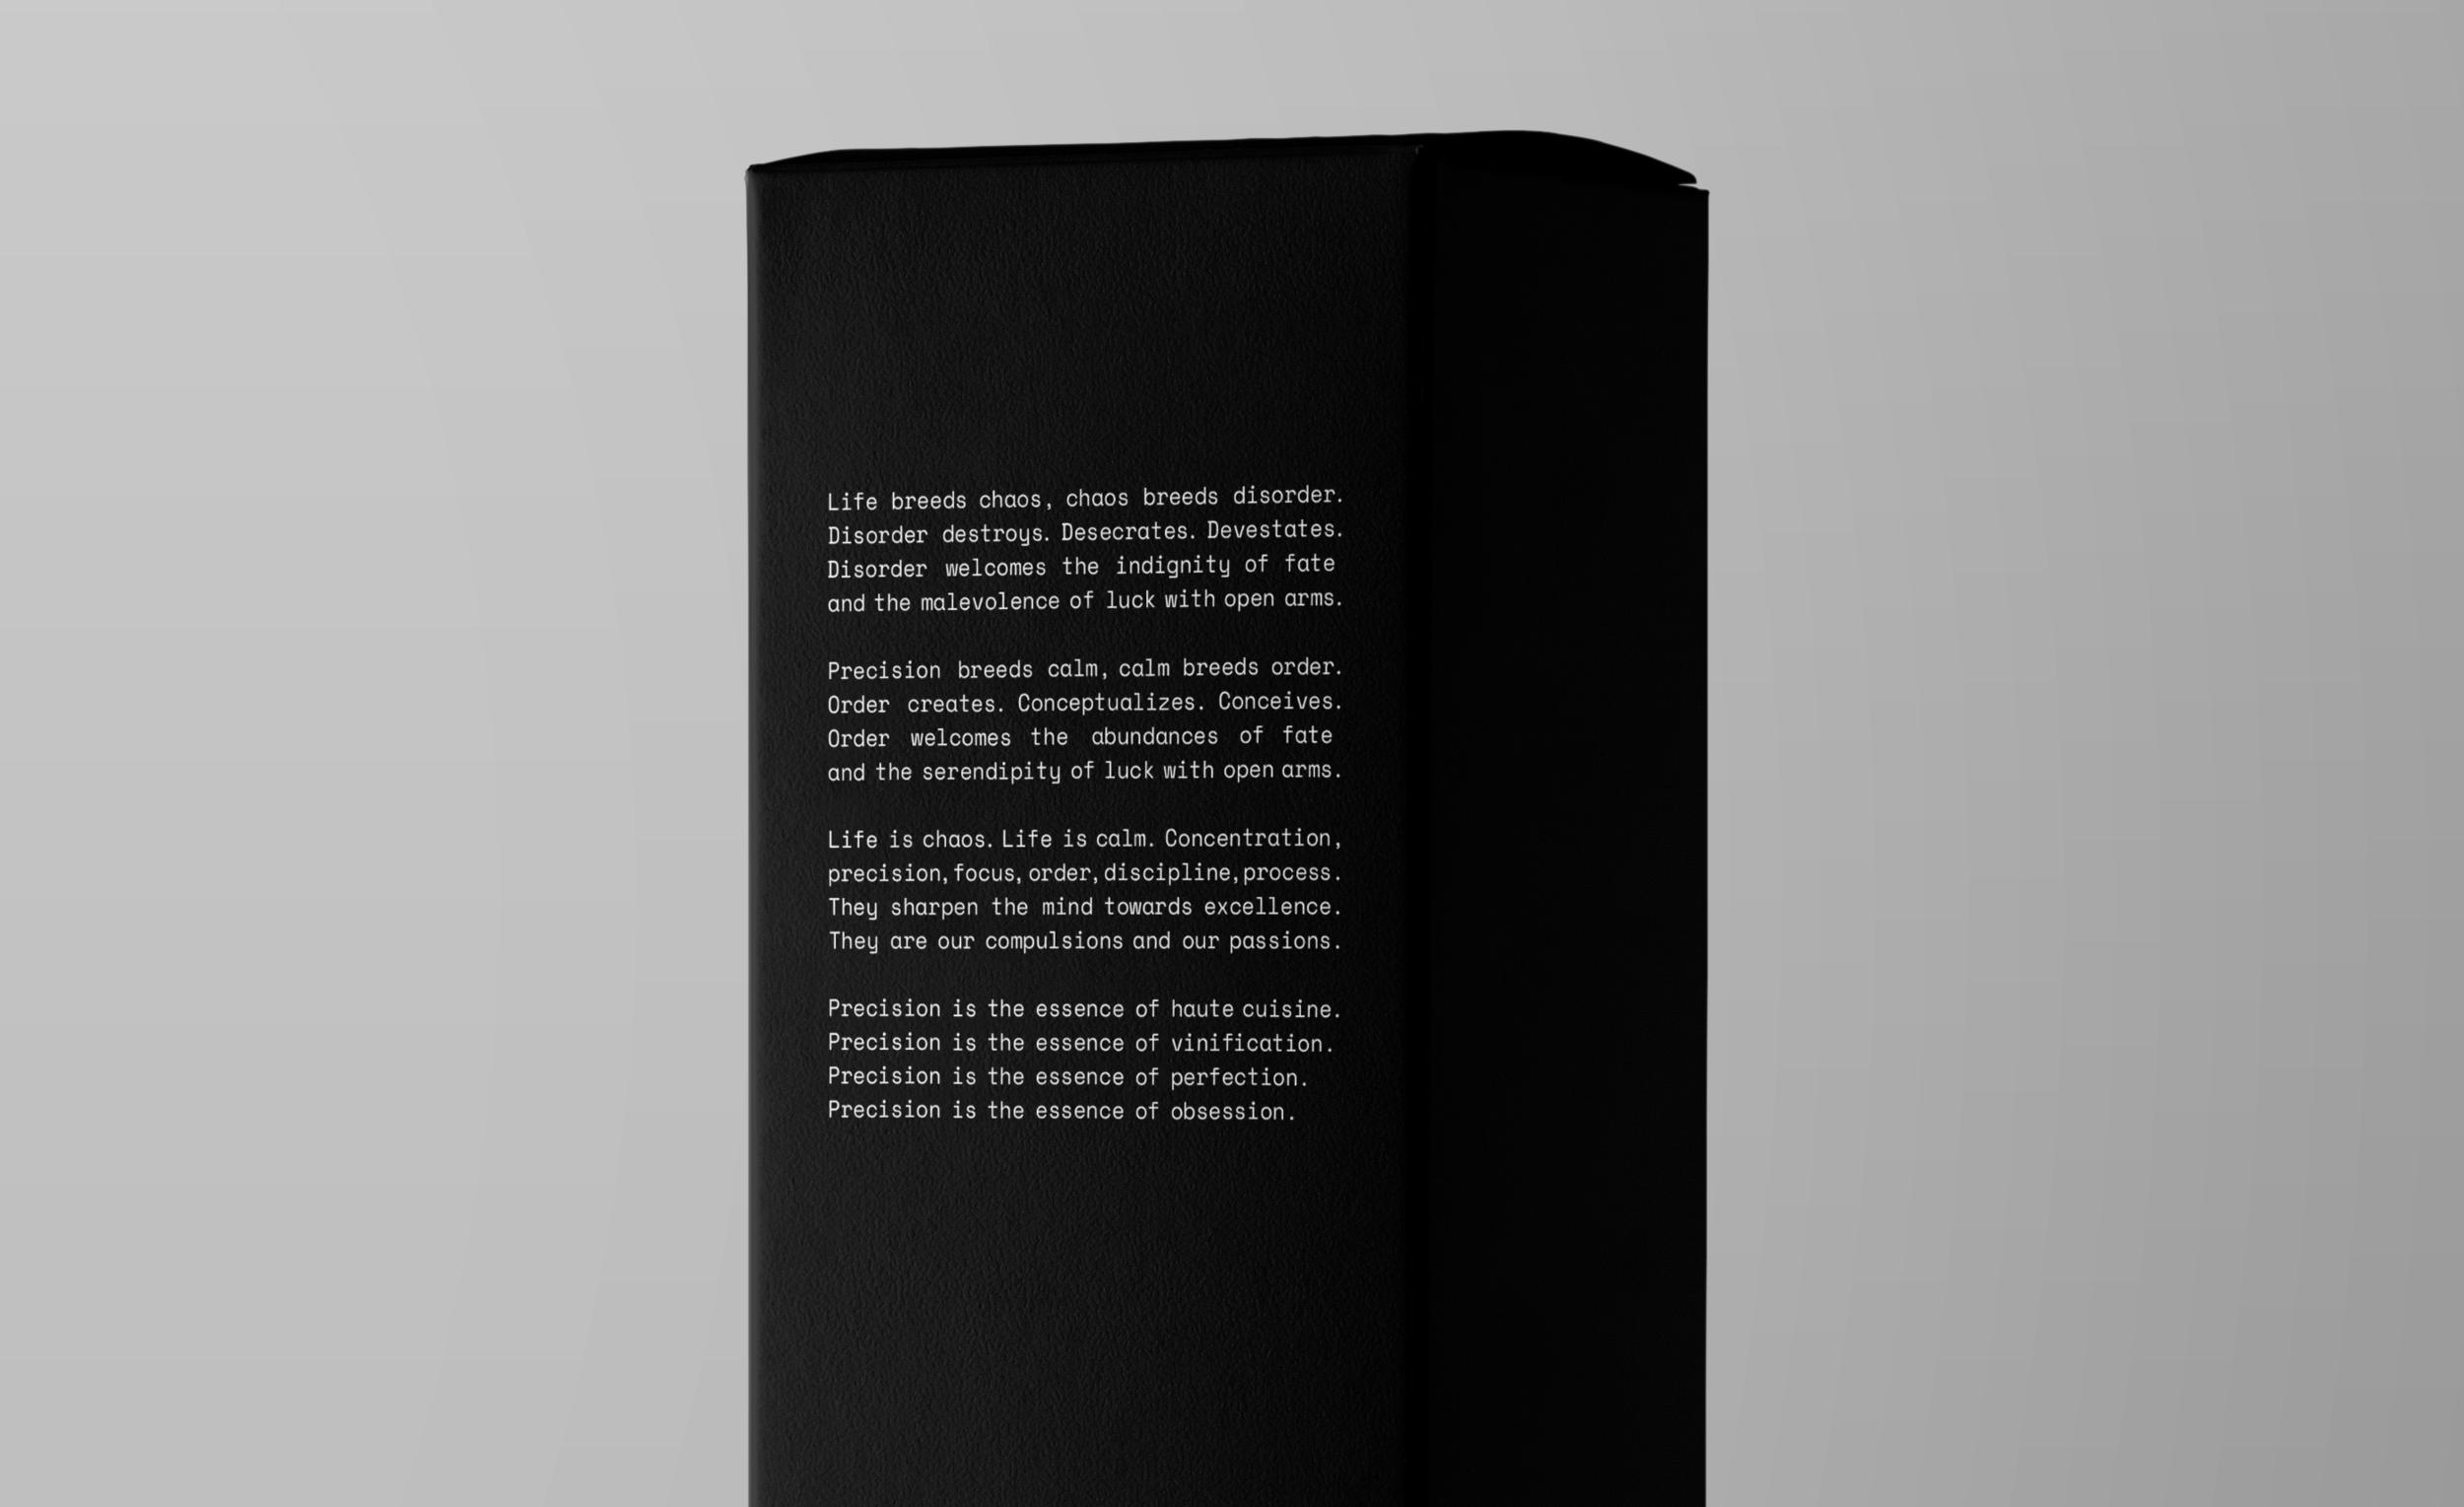 mise_black_box copy.png